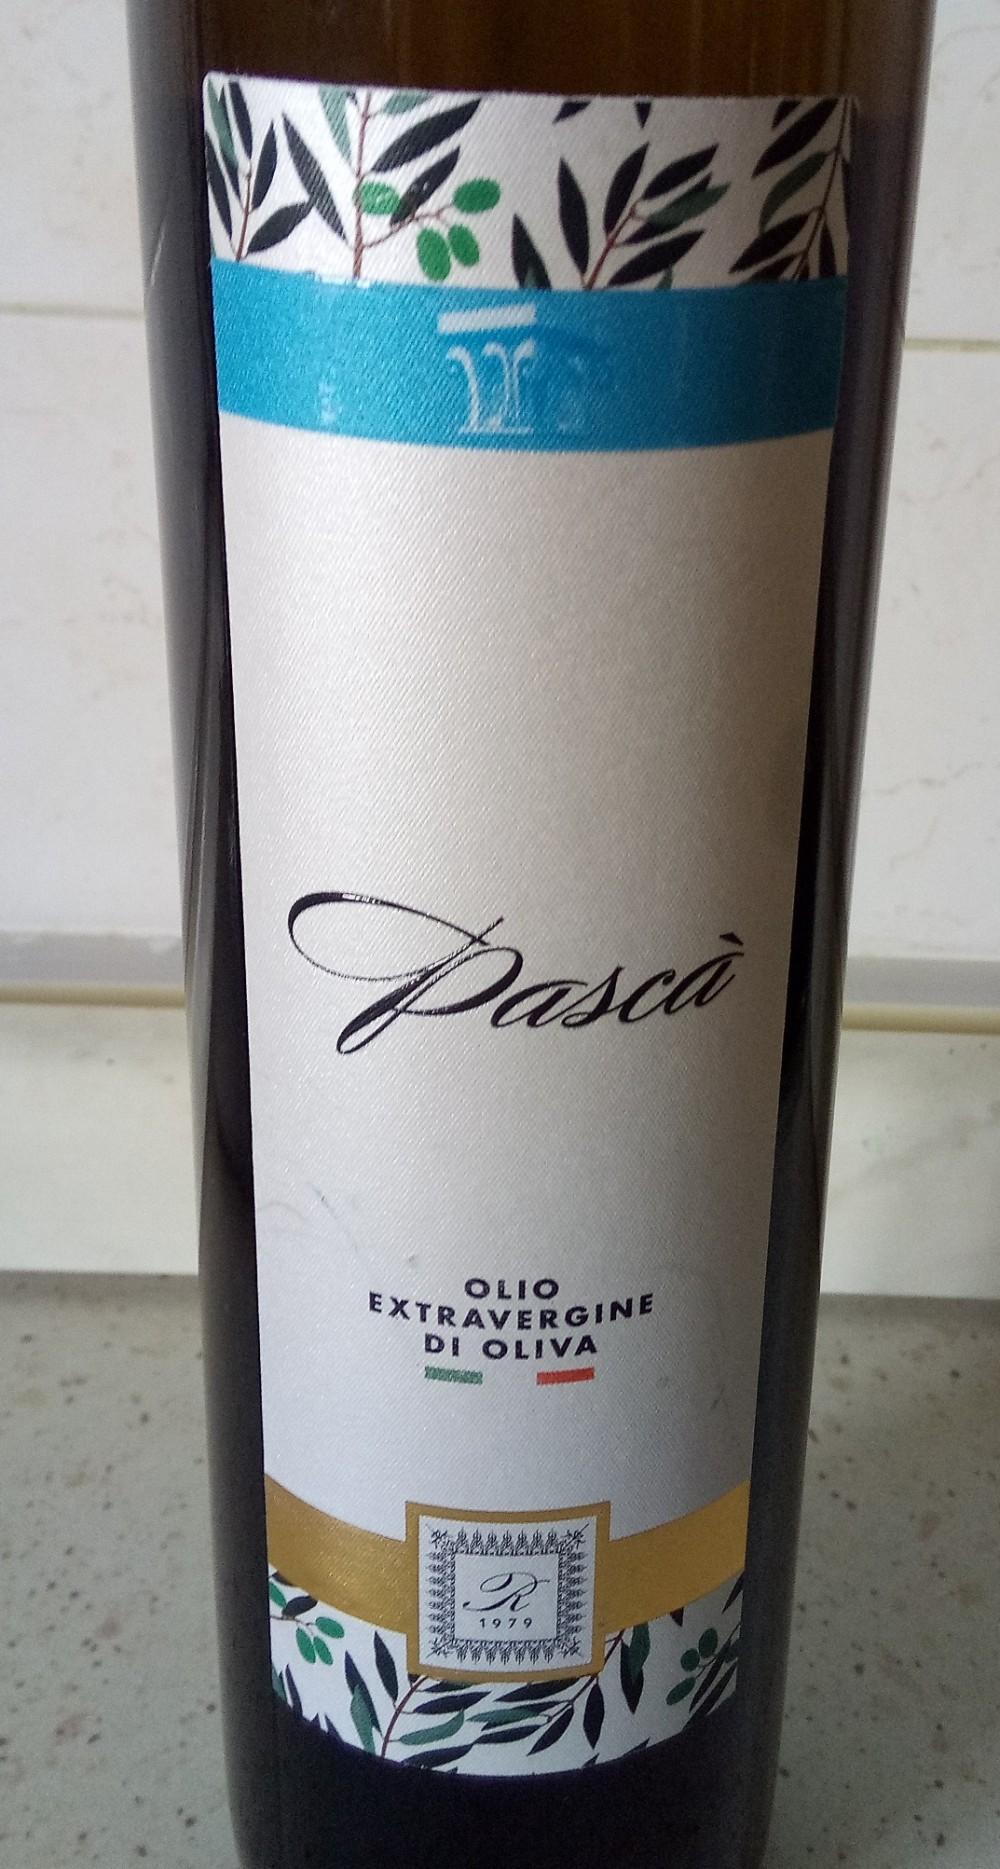 Azienda Maria Manuela Russo Bottiglia olio evo 2016